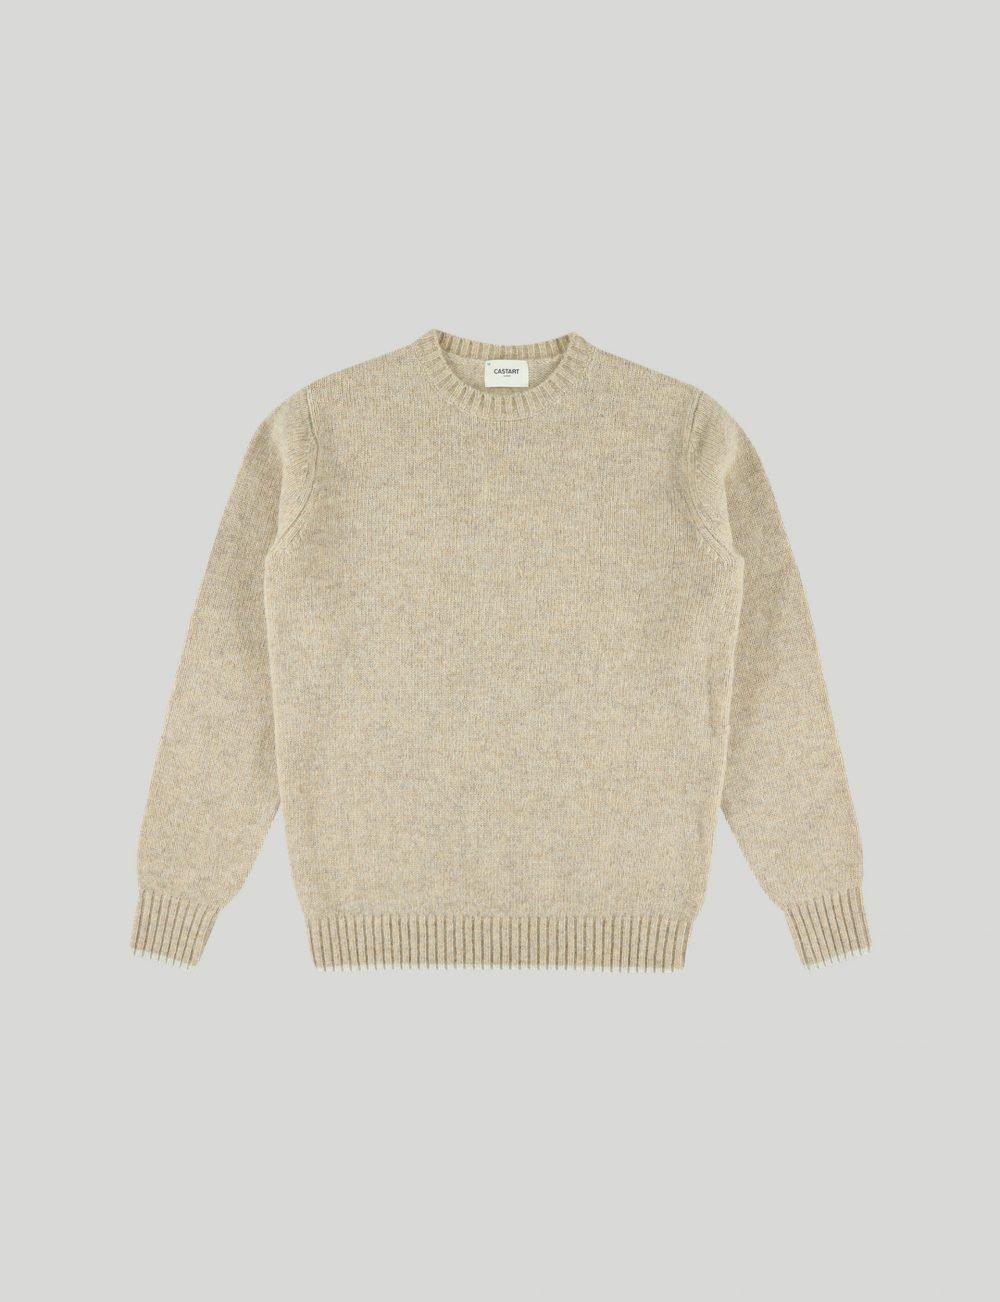 Castart - Kotin Knitwear - Sand